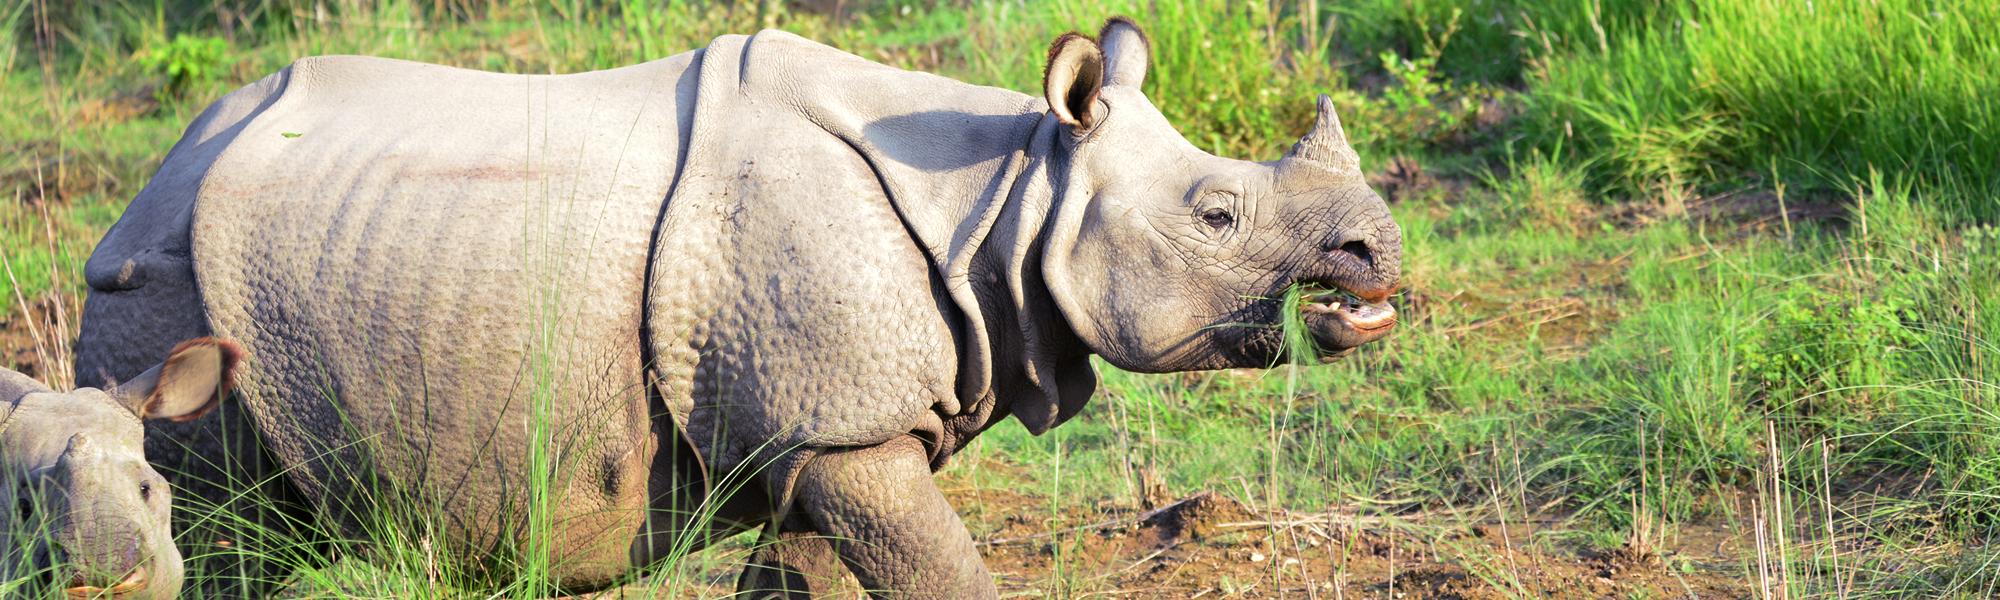 Information on Luxury Tours and Safaris in Kaziranga Park - Easy Tours of India